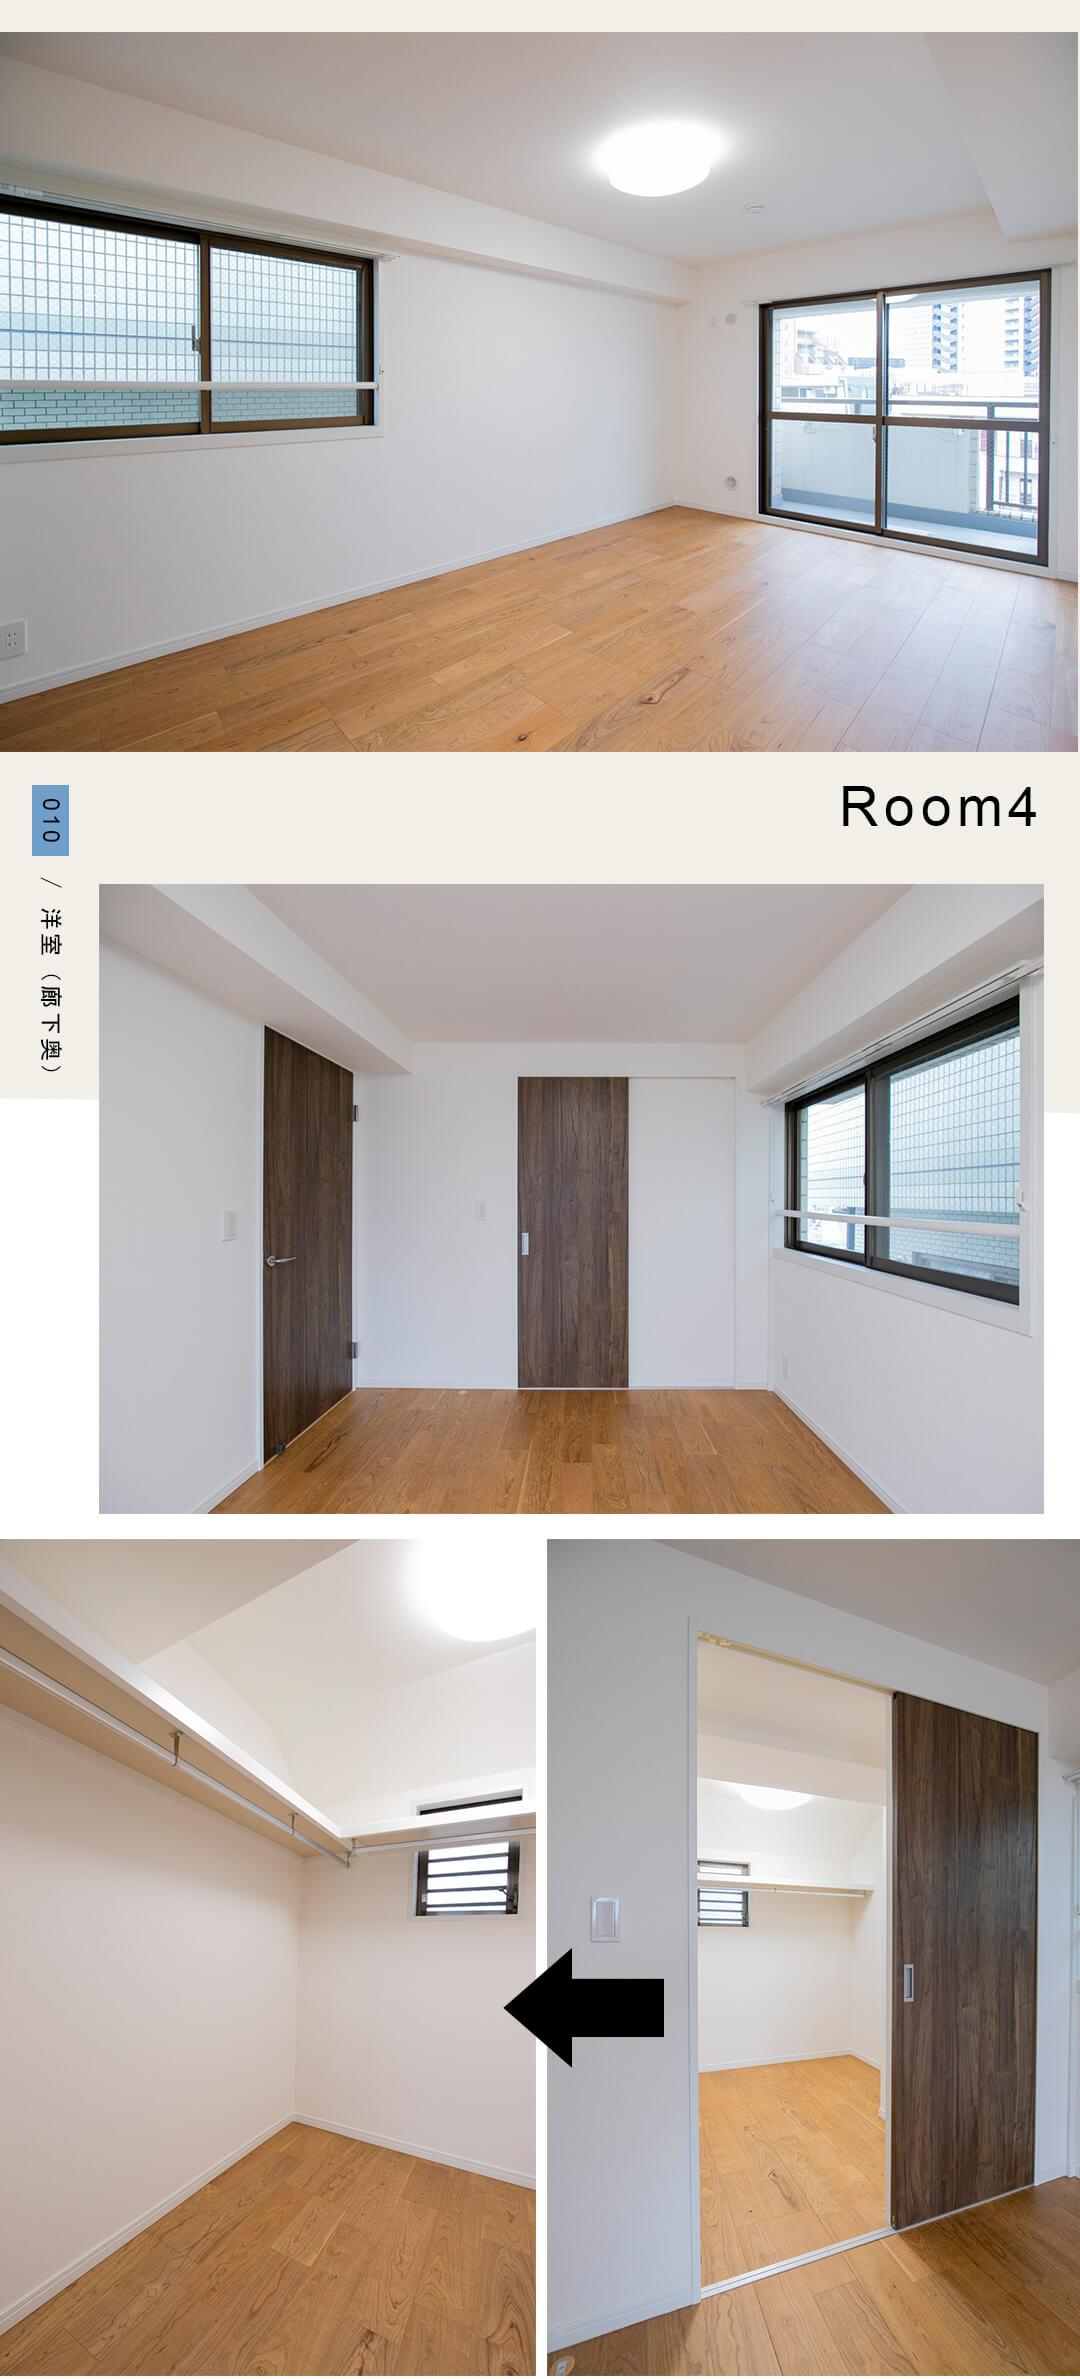 朝日プラザ中野弥生町の洋室